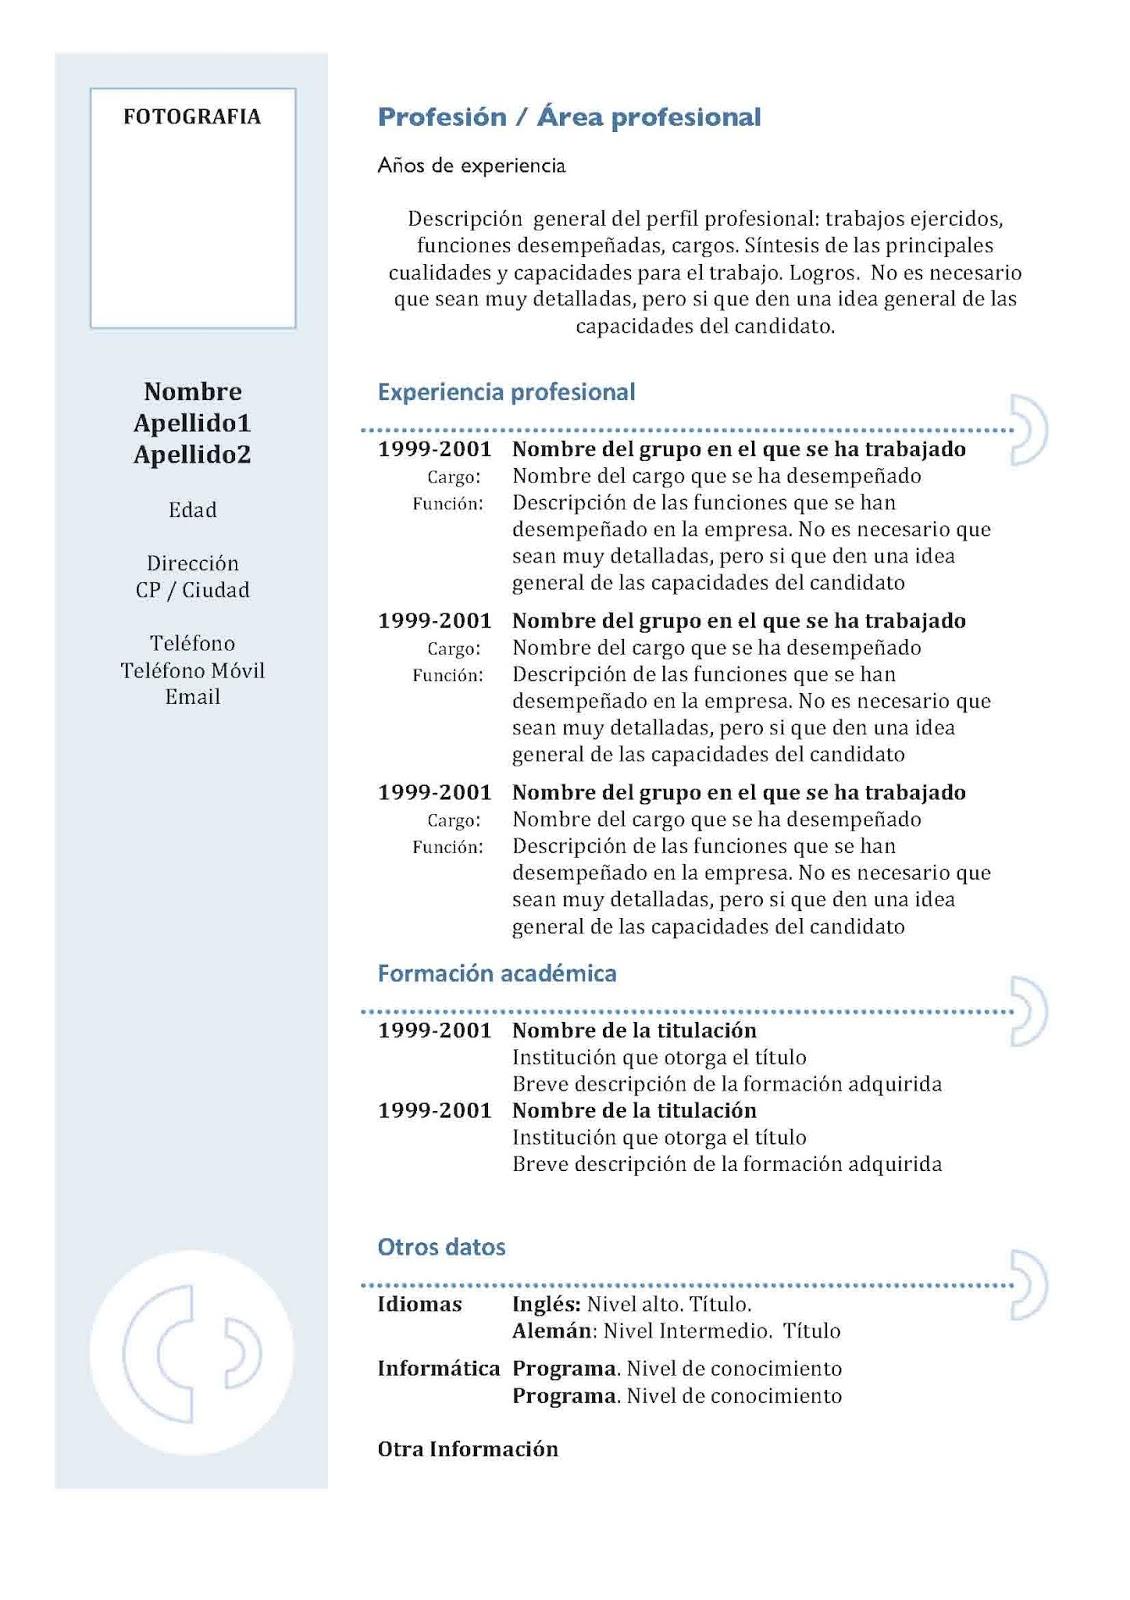 1ro Pamer Izaguirre: Modelos de Curriculum Vitae